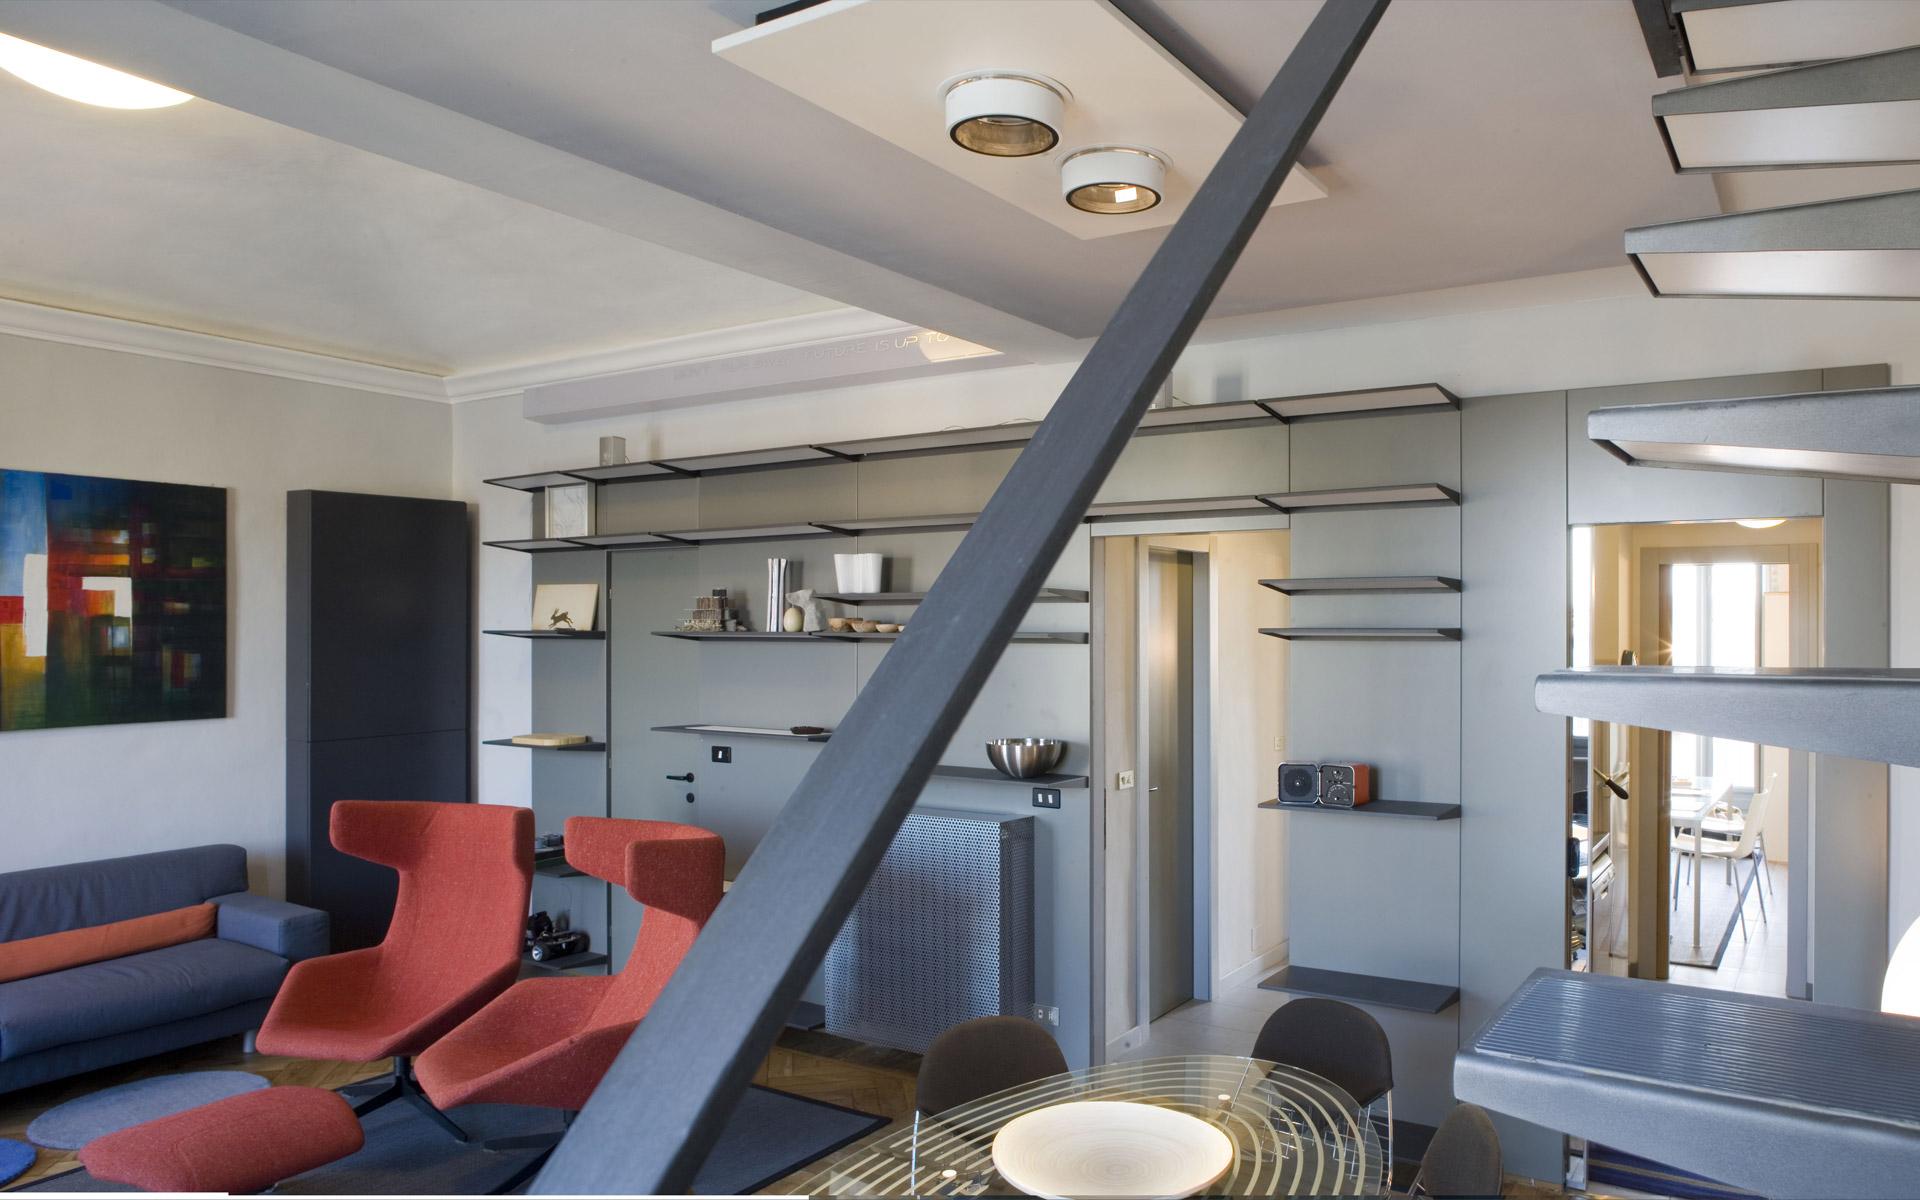 Marco visconti architects interior design residenza privata torino - Interior design torino ...